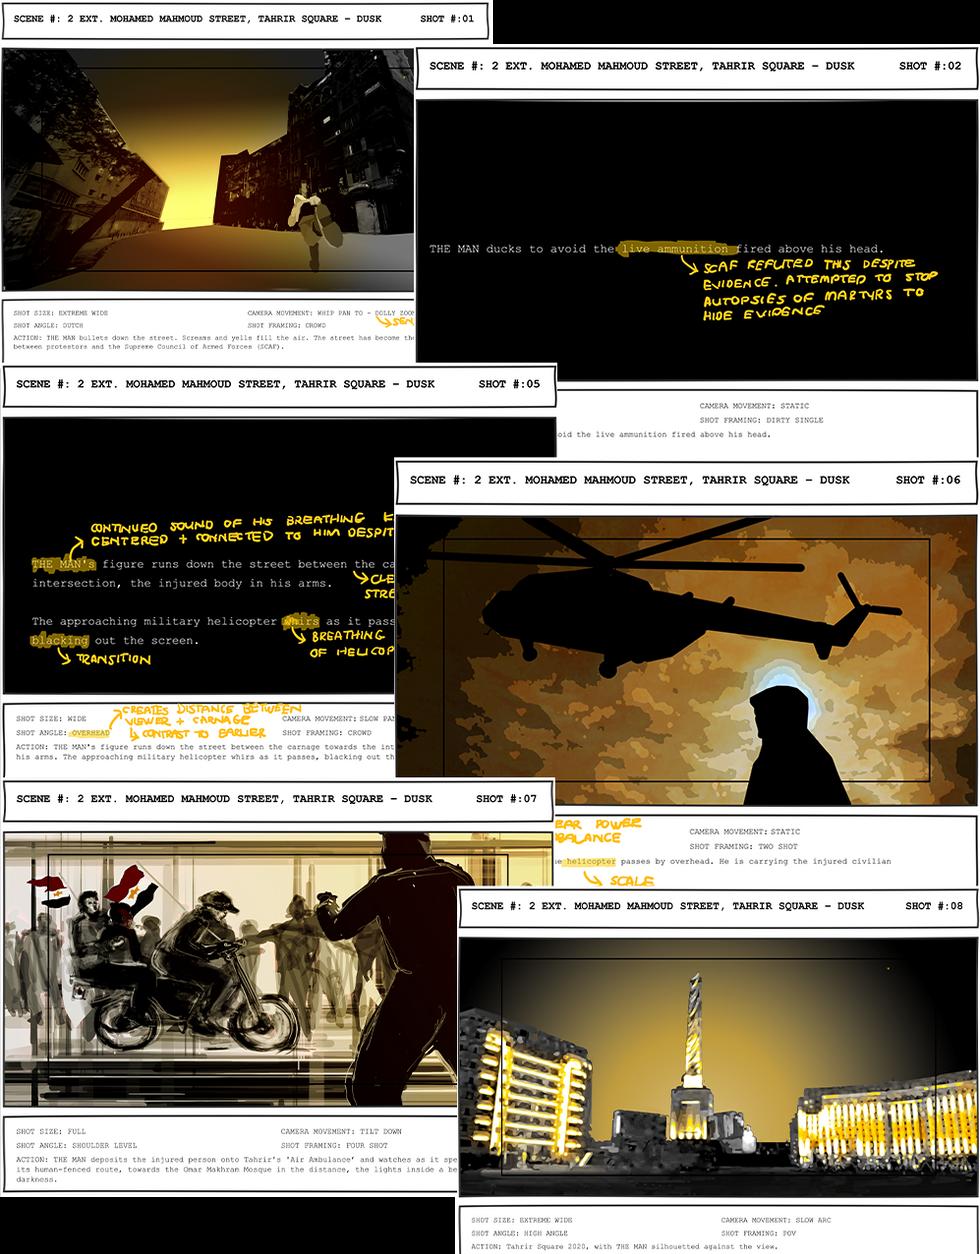 The Storyboard. Mula, F. Unit 18. 2020.